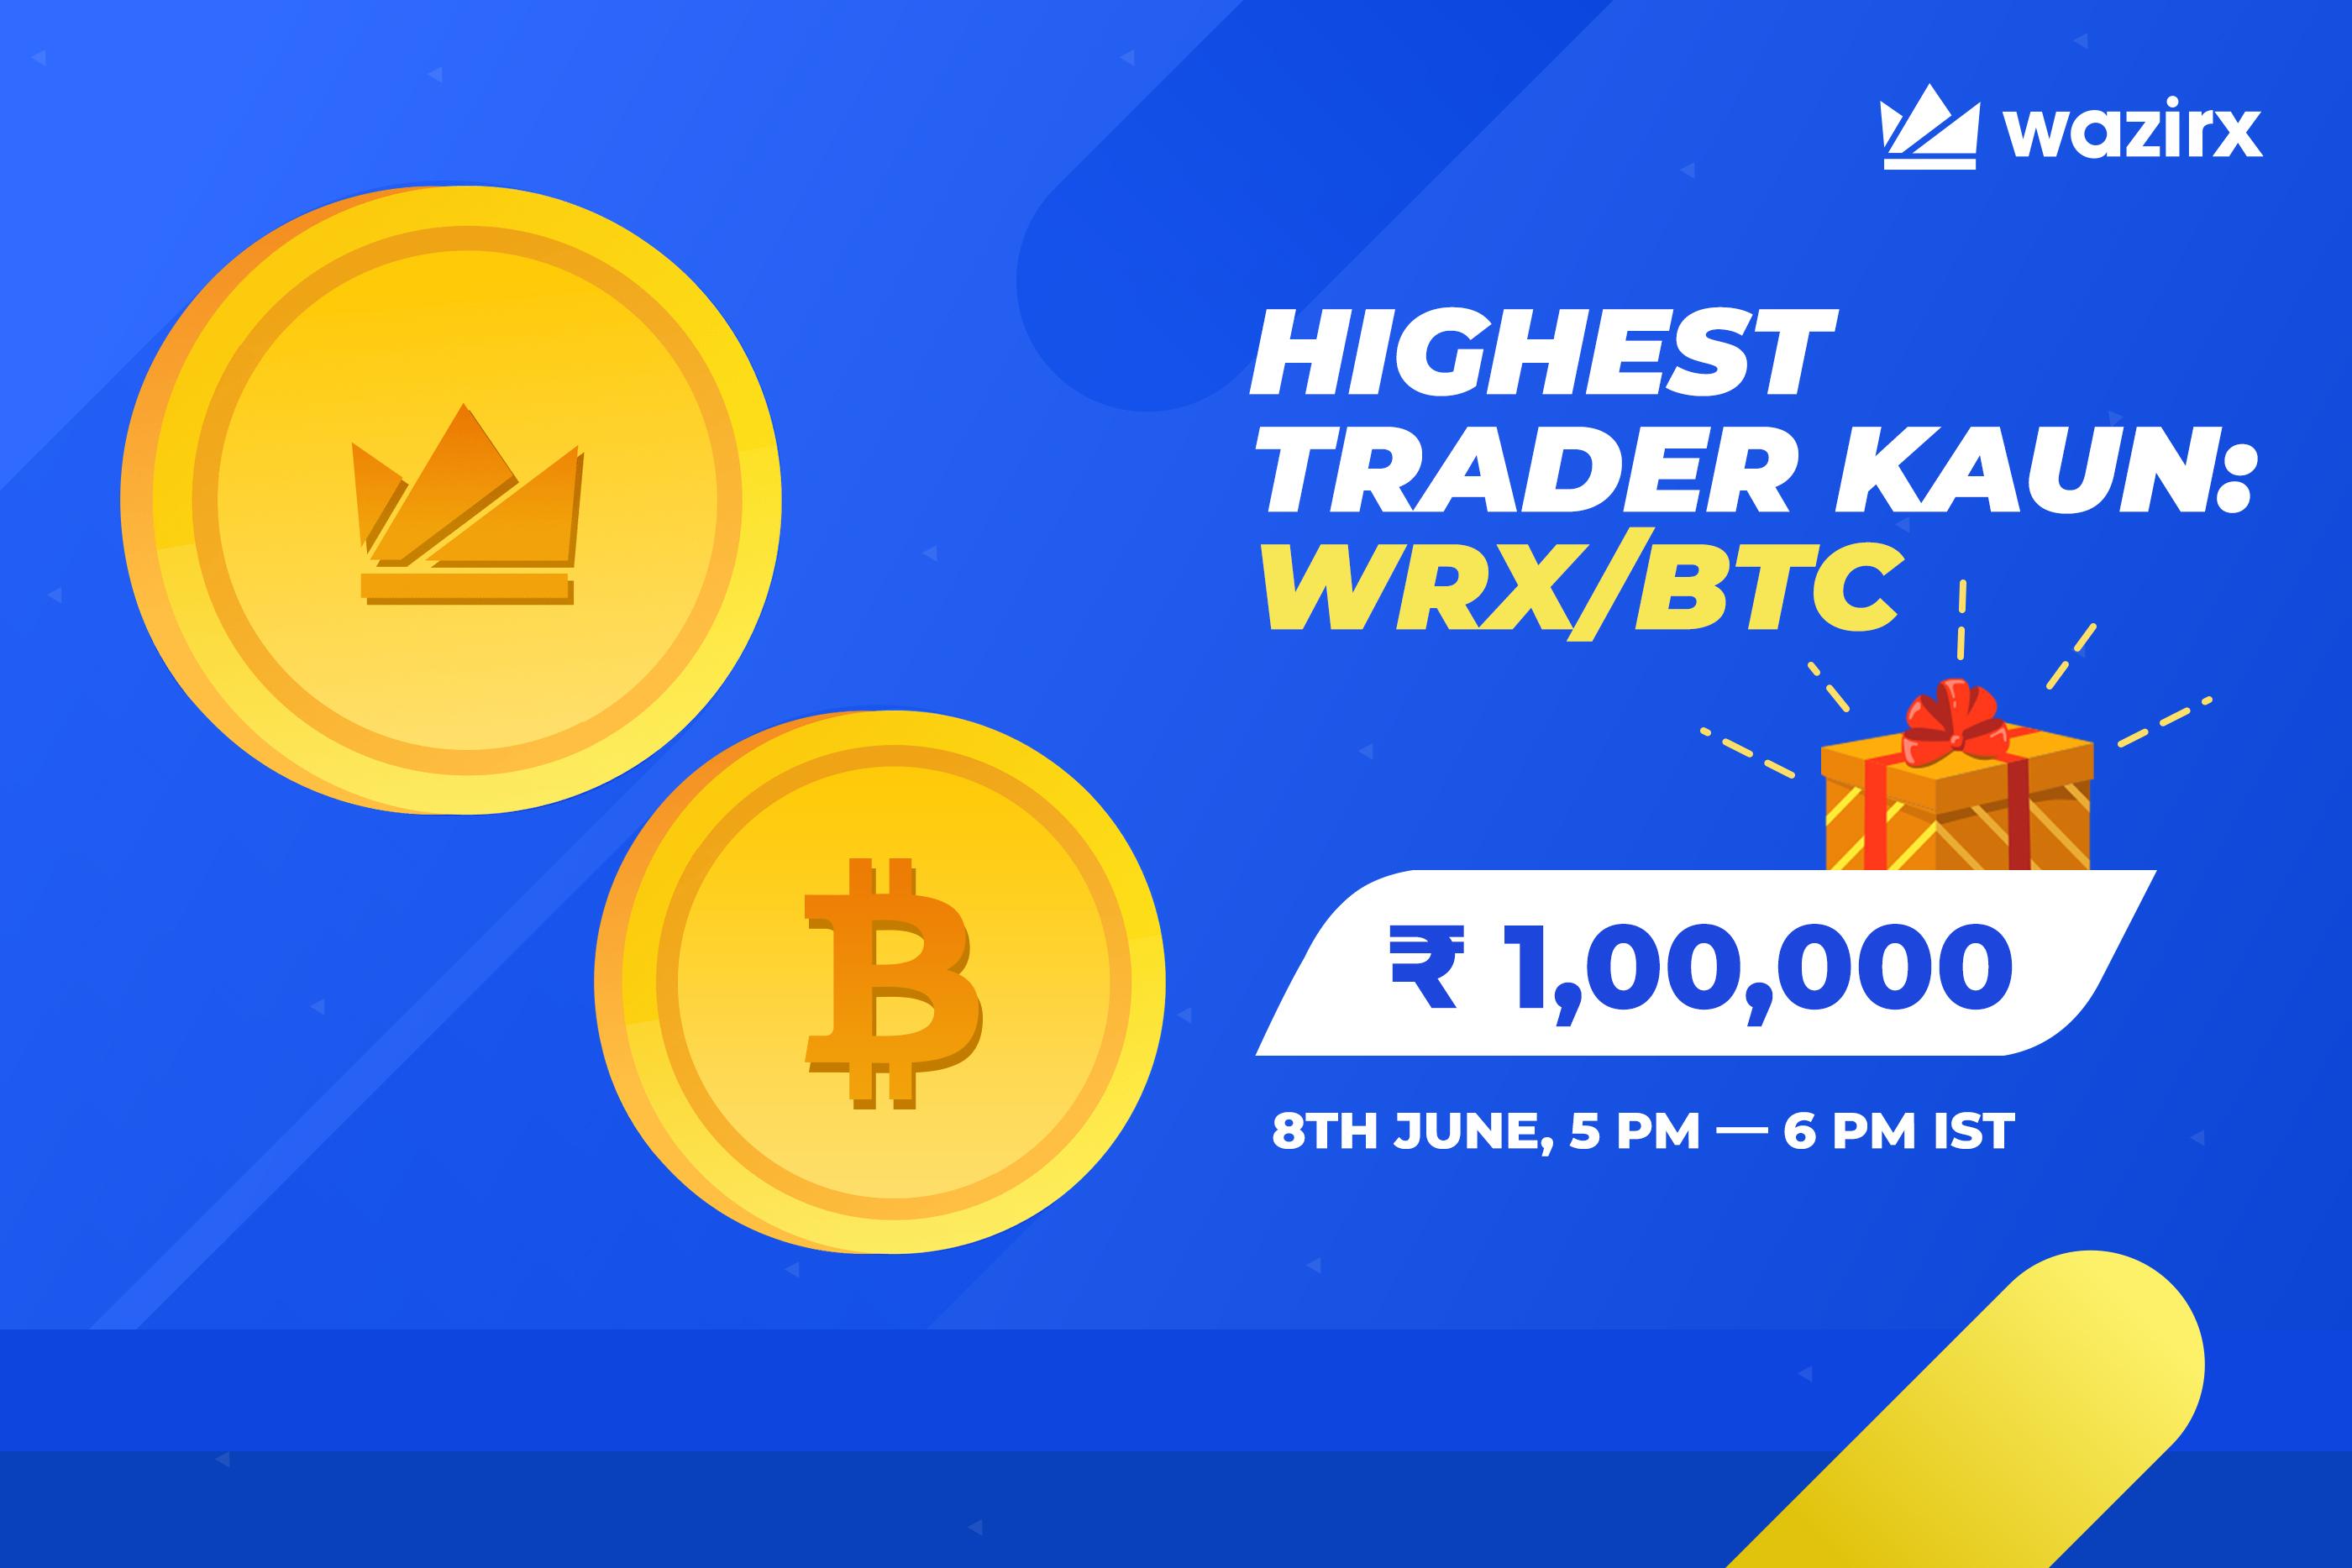 Highest Trader Kaun: WRX/BTC